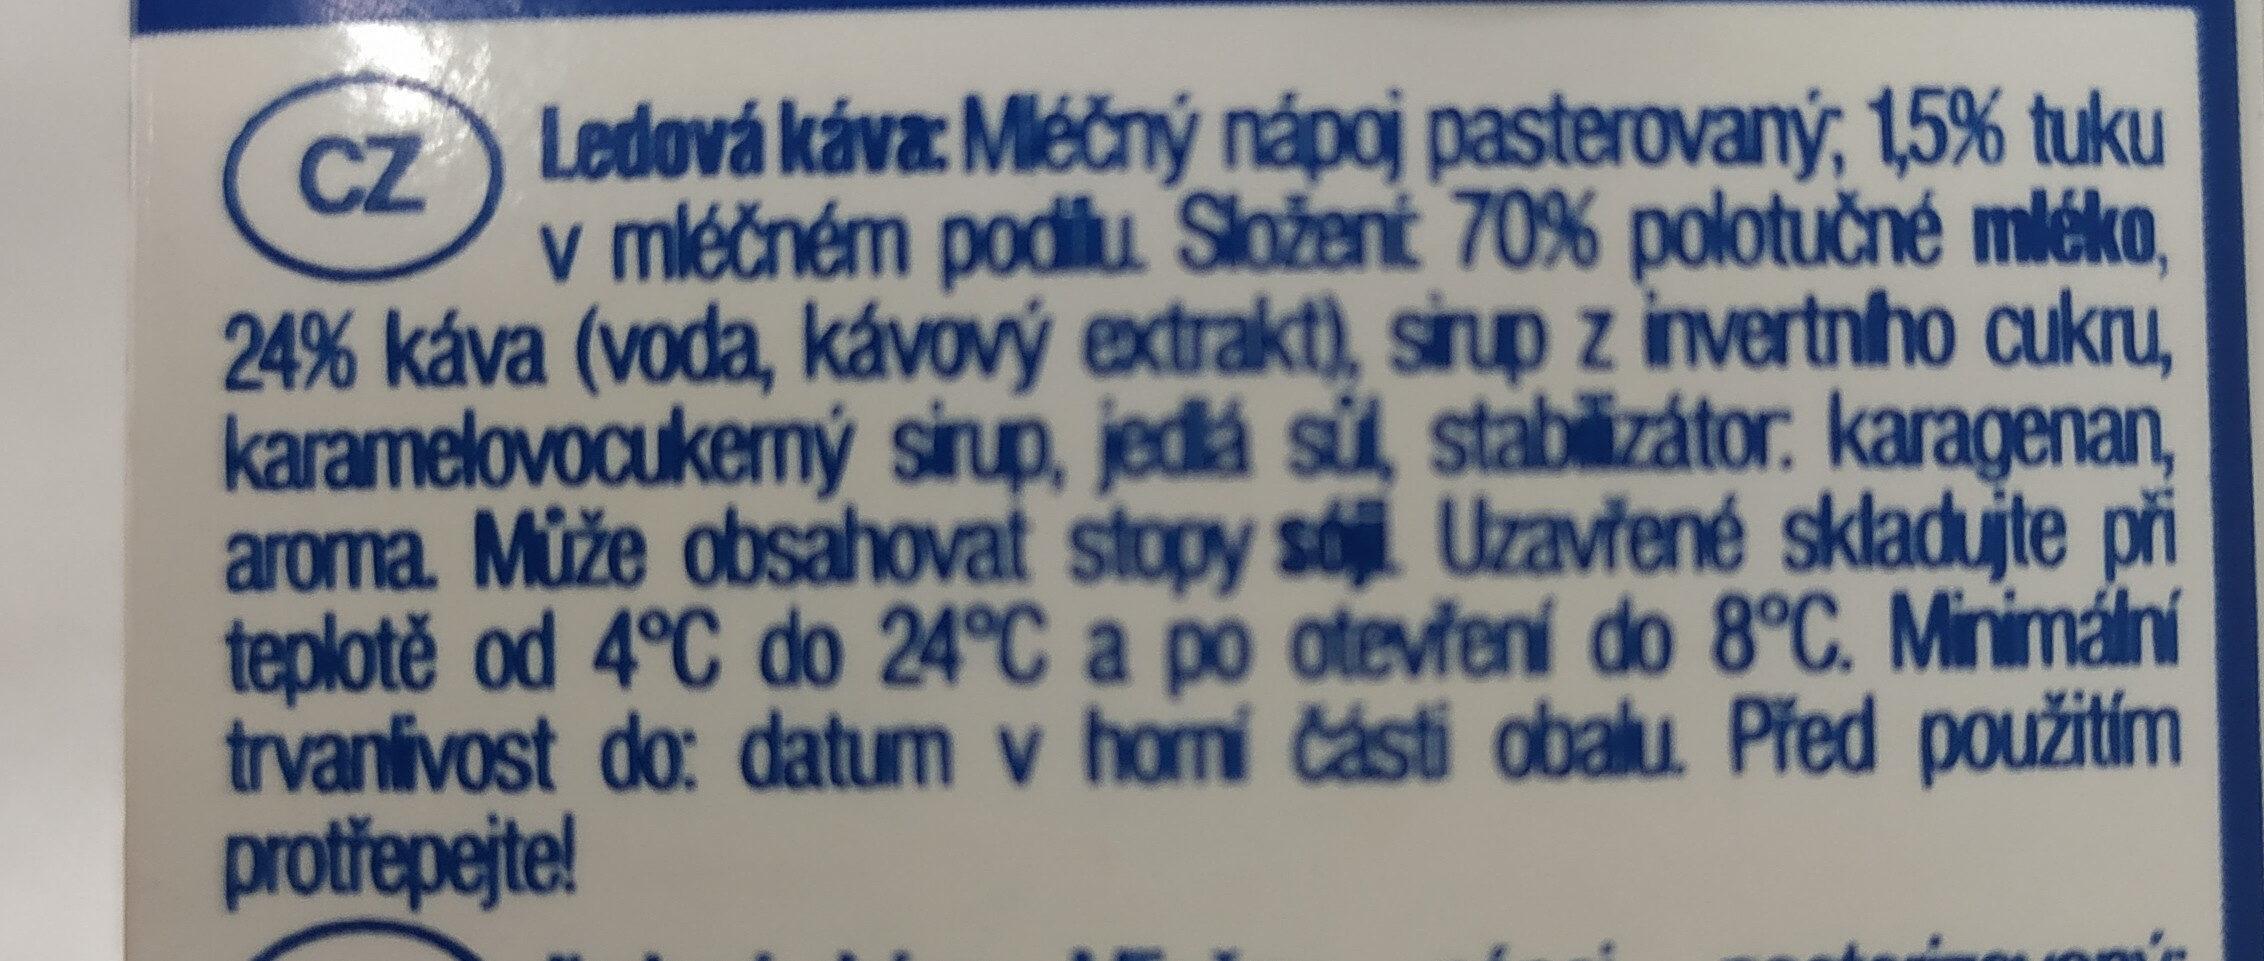 Eiskaffe - Ingredients - cs